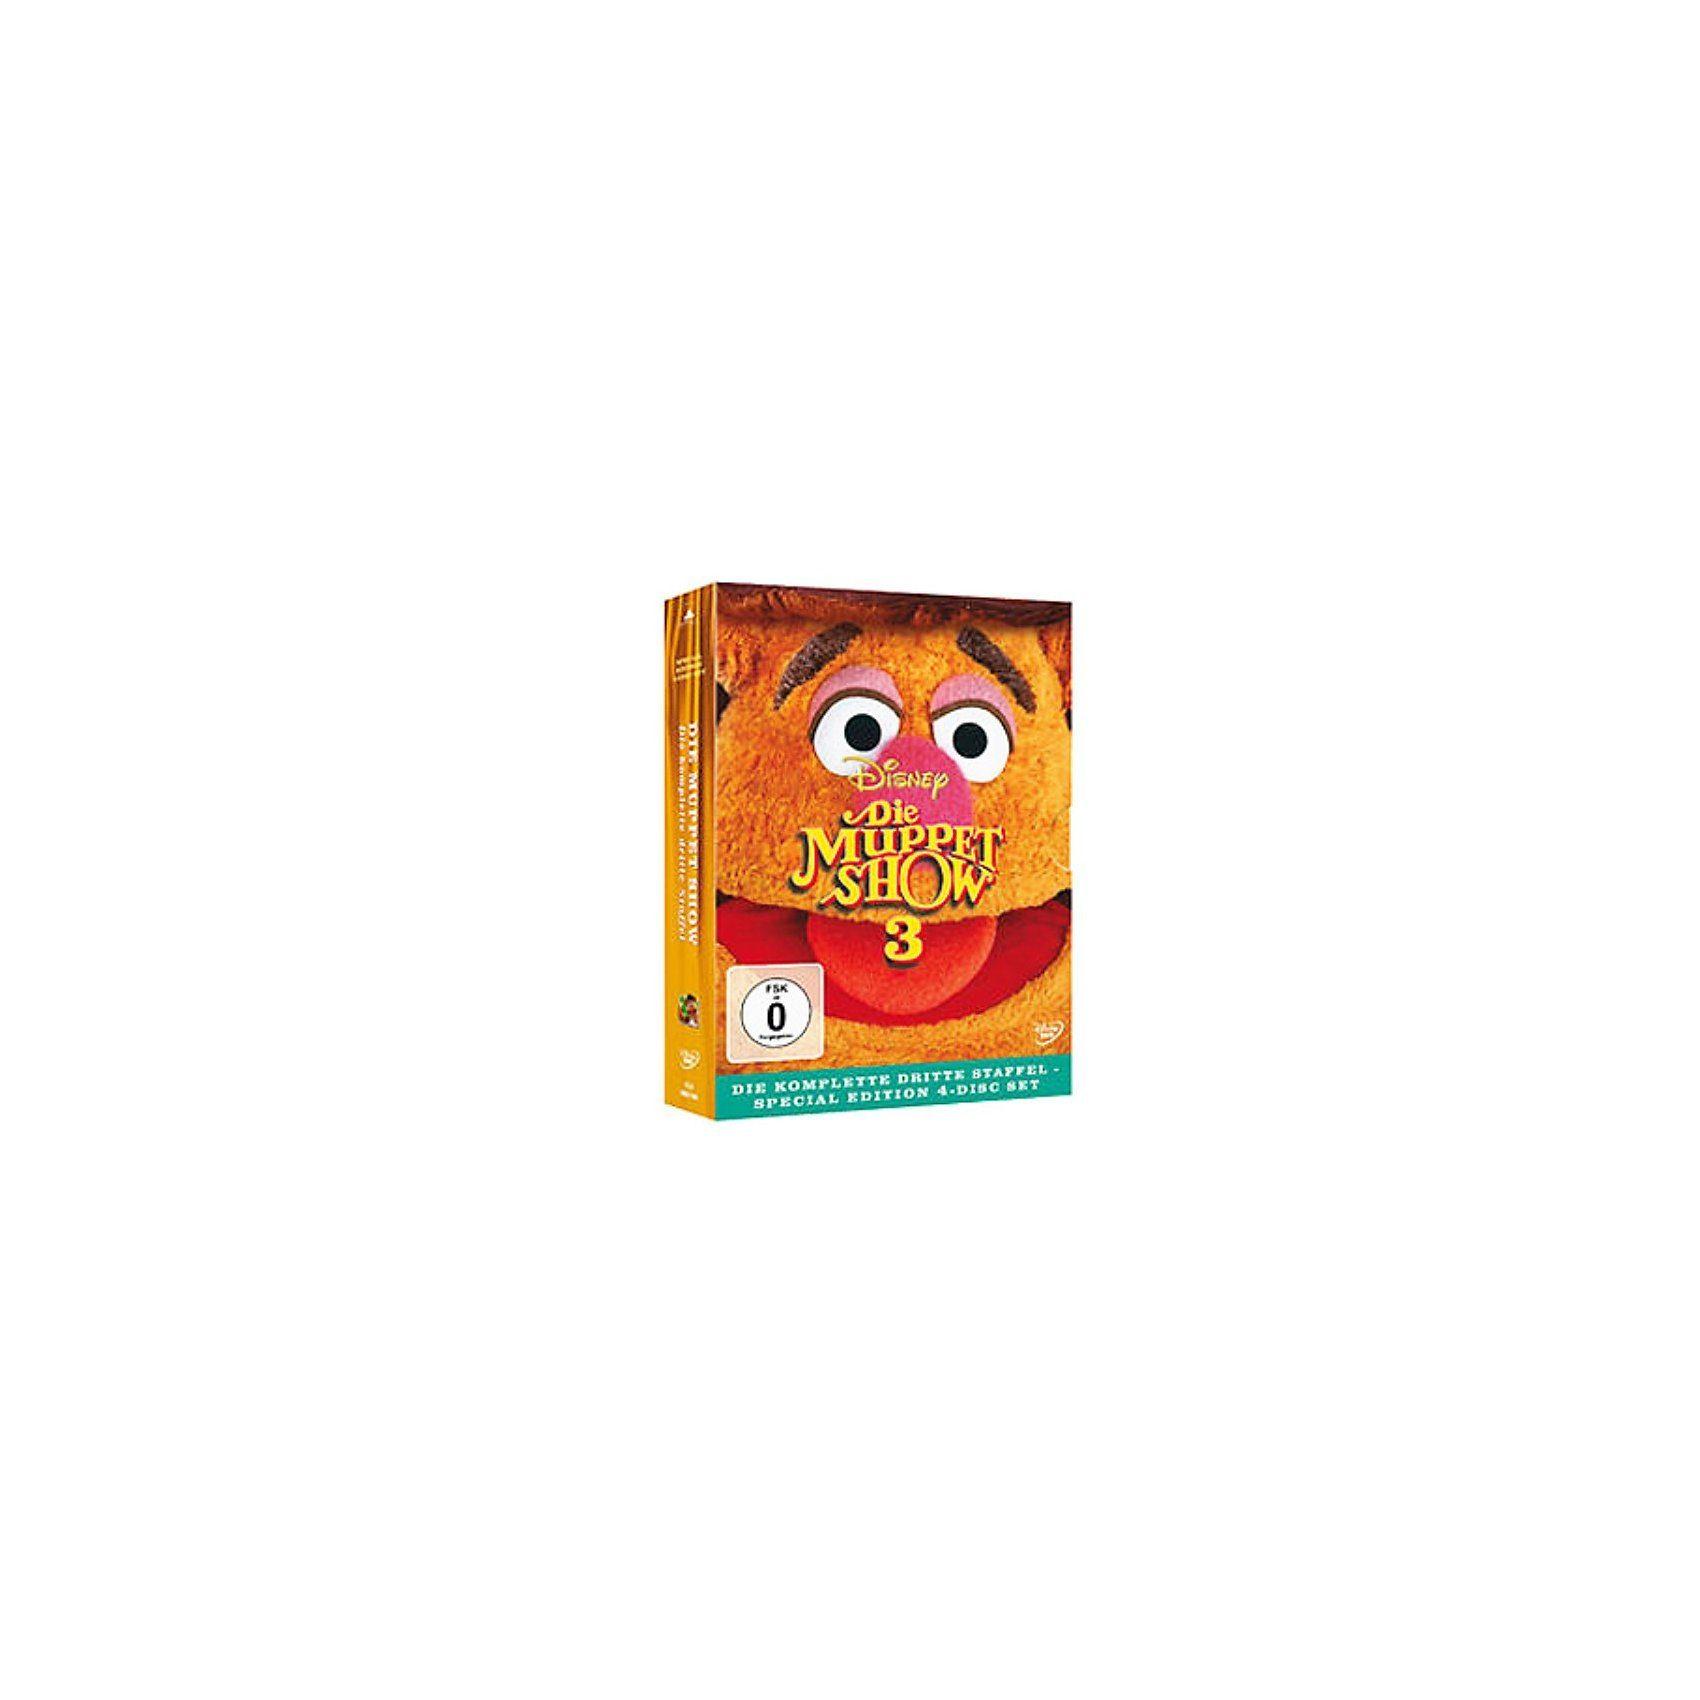 Disney DVD Die Muppet Show - Die komplette 3. Staffel